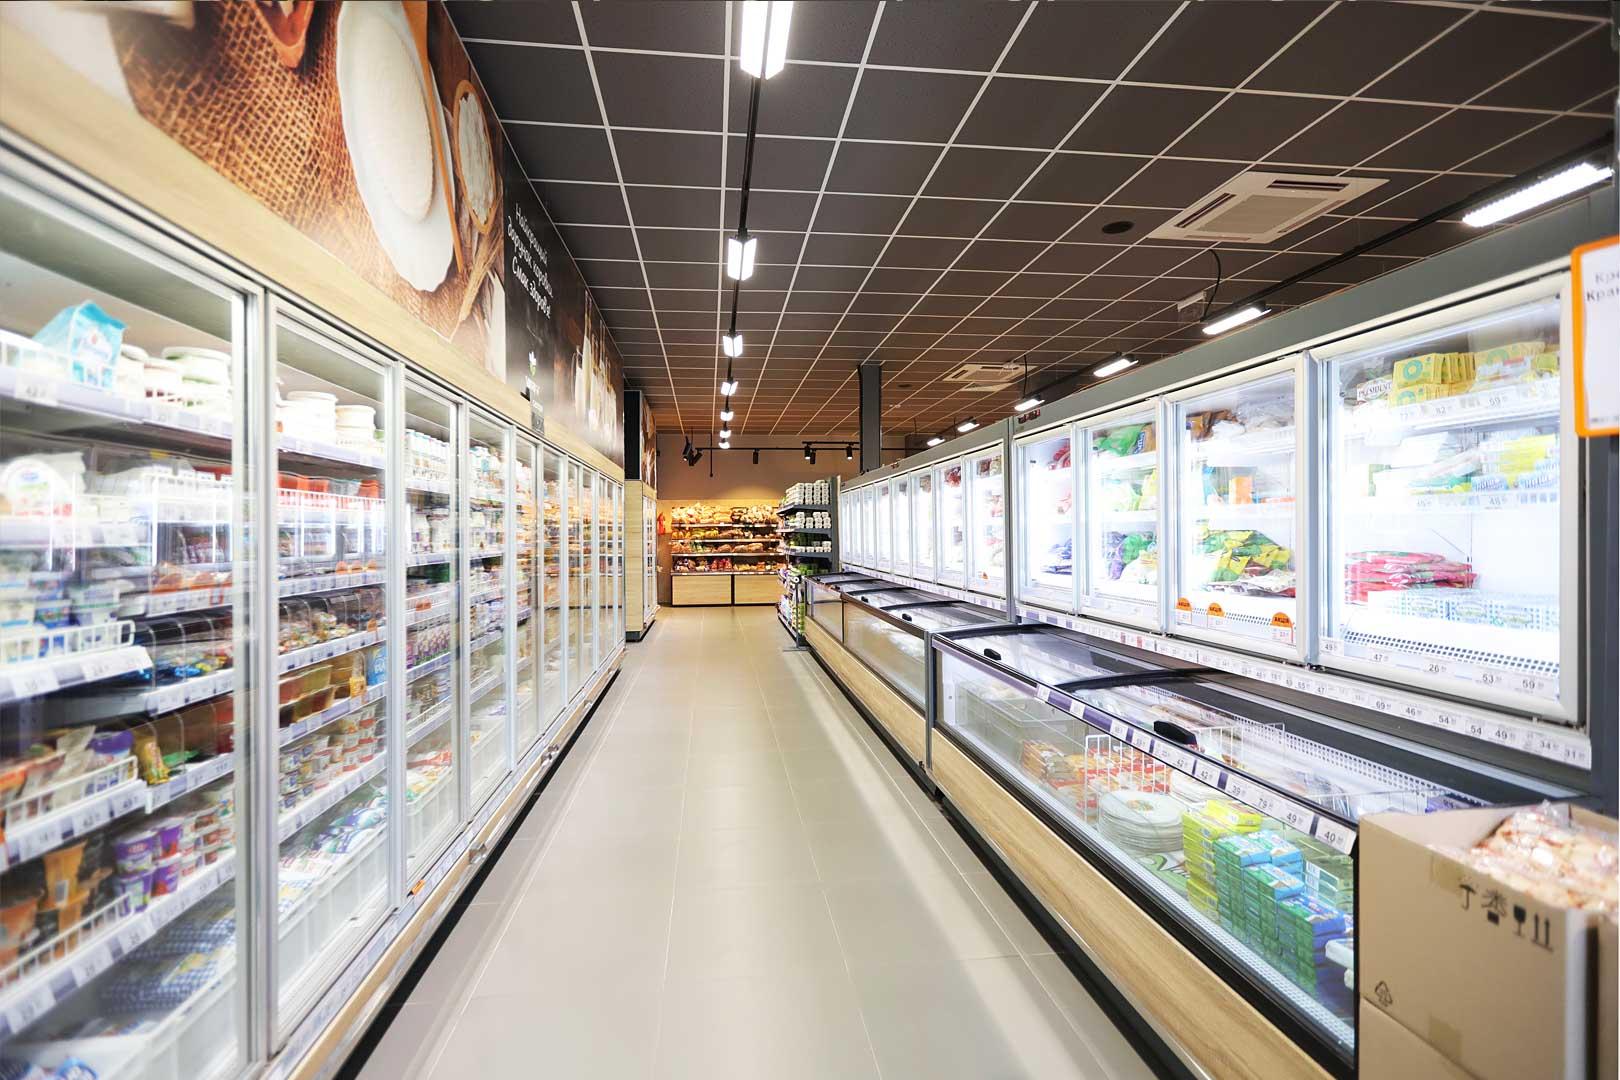 Холодильні пристінні вітрини Louisiana MV 095 MT D 210-DLМ, вітрини для заморожених продуктів Аlaska combi 2 MHV 110 LT D/C 200-DLM-MD, супермаркет VARUS